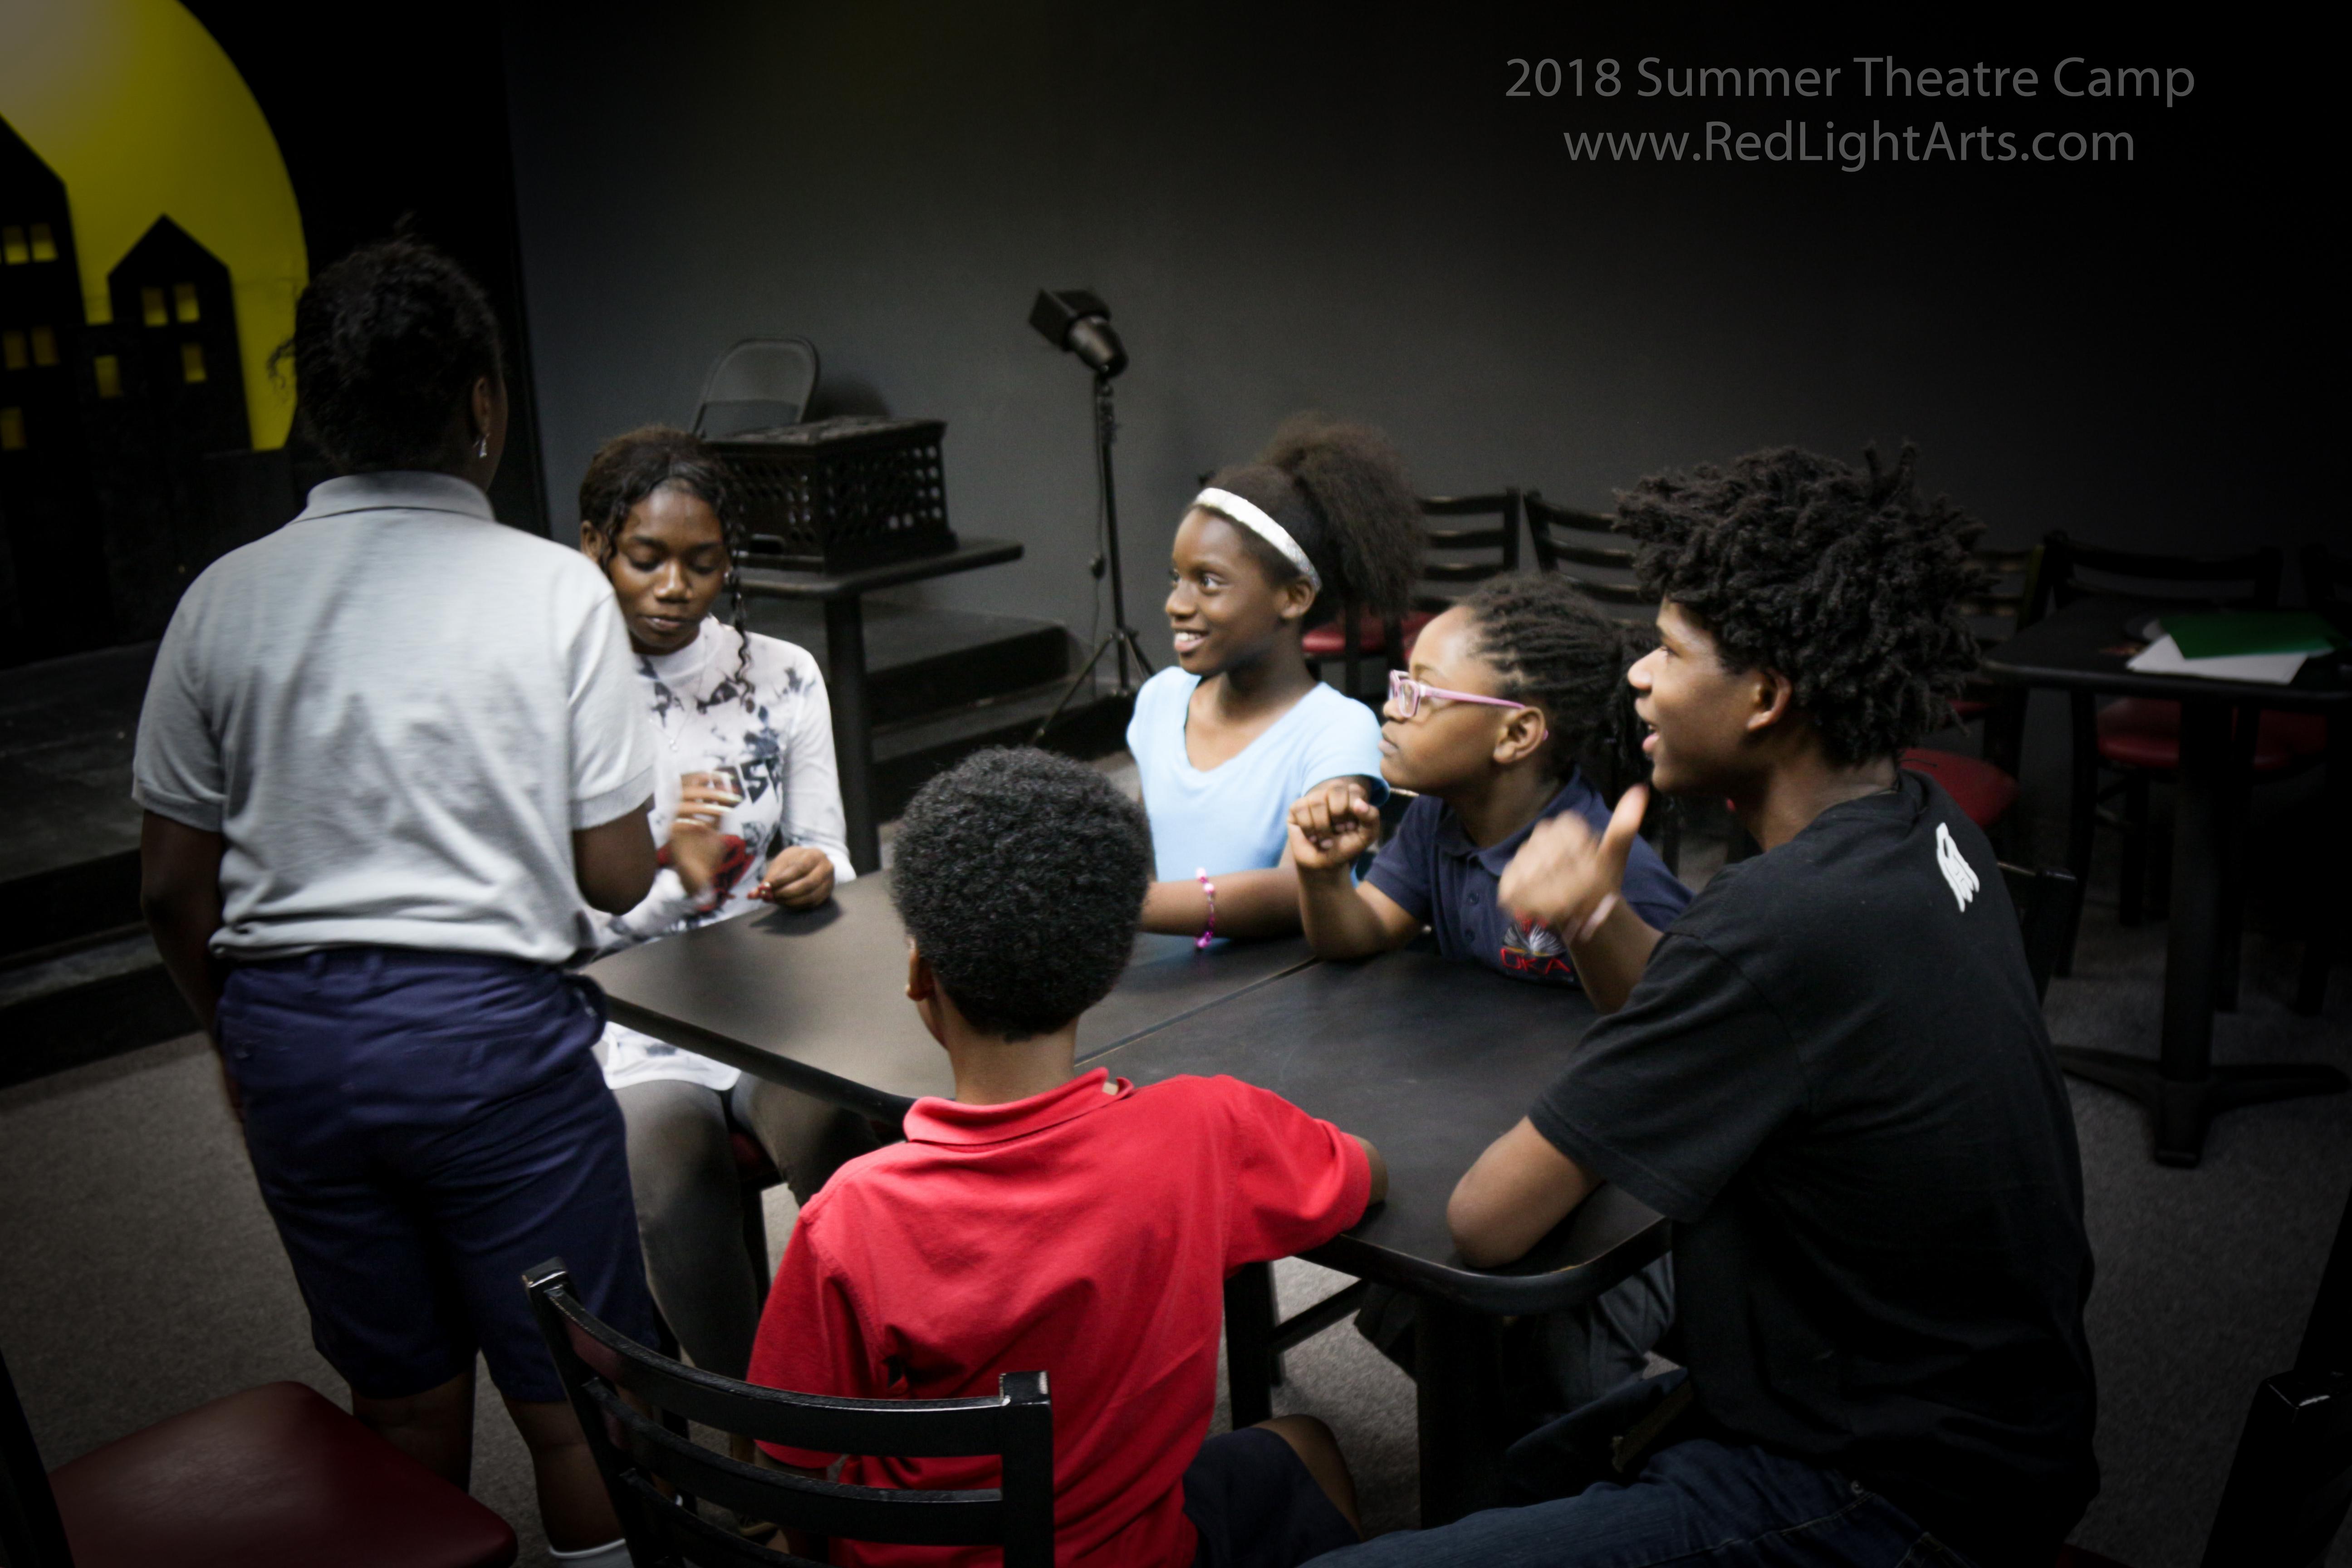 2018CampPhotos1stWeek-22